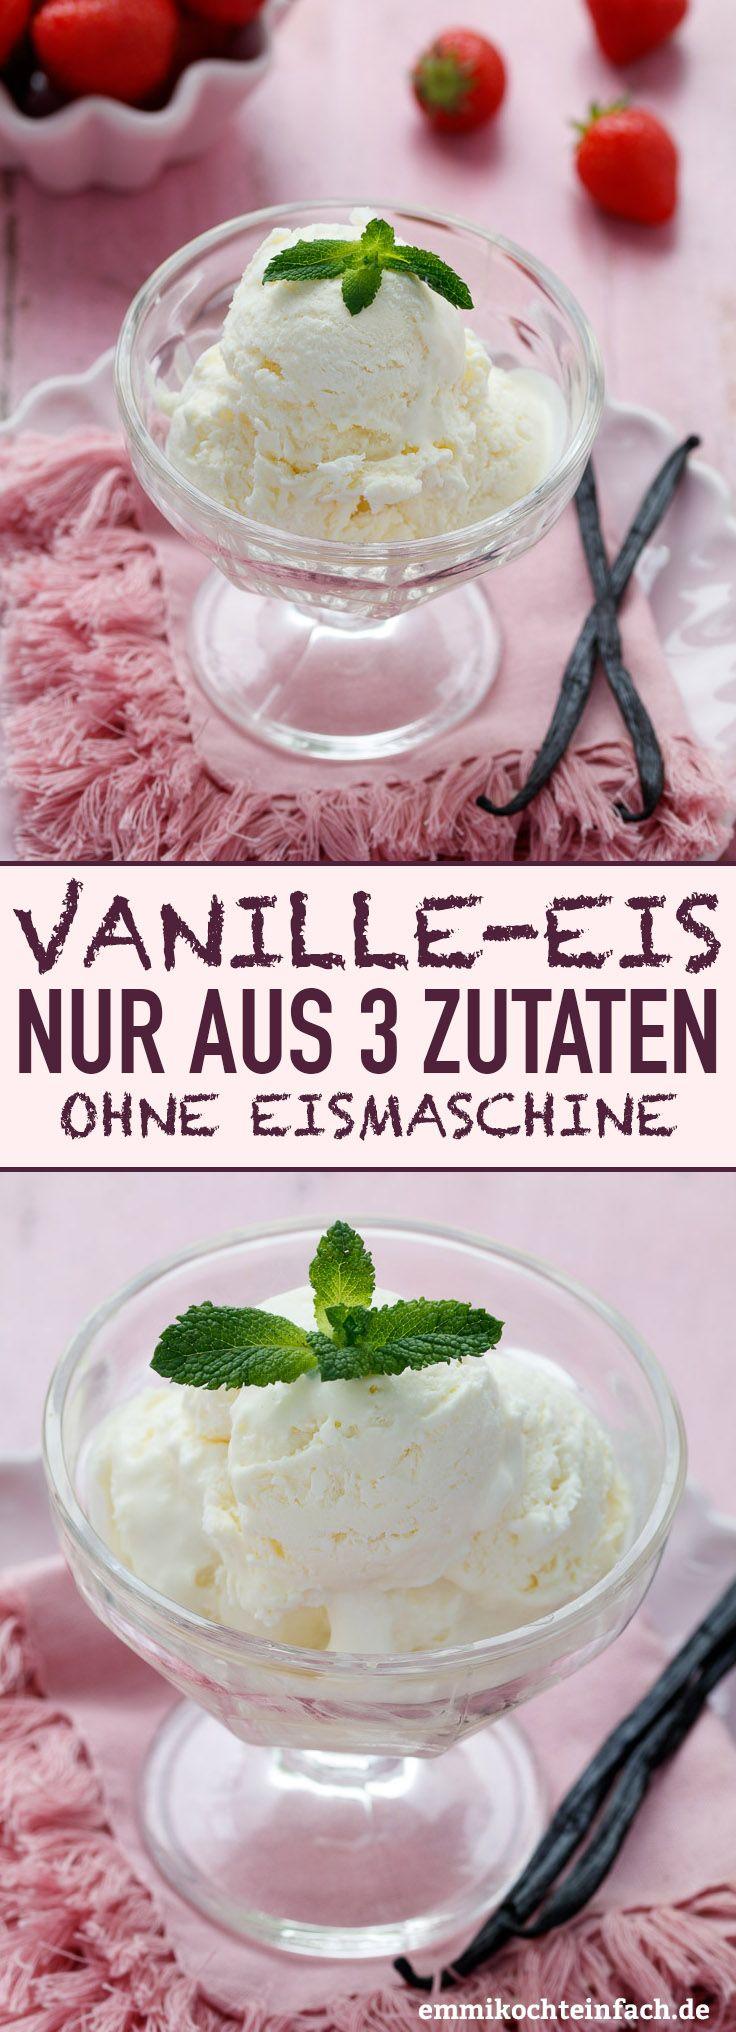 Vanilleeis ohne Eismaschine mit nur 3 Zutaten - emmikochteinfach